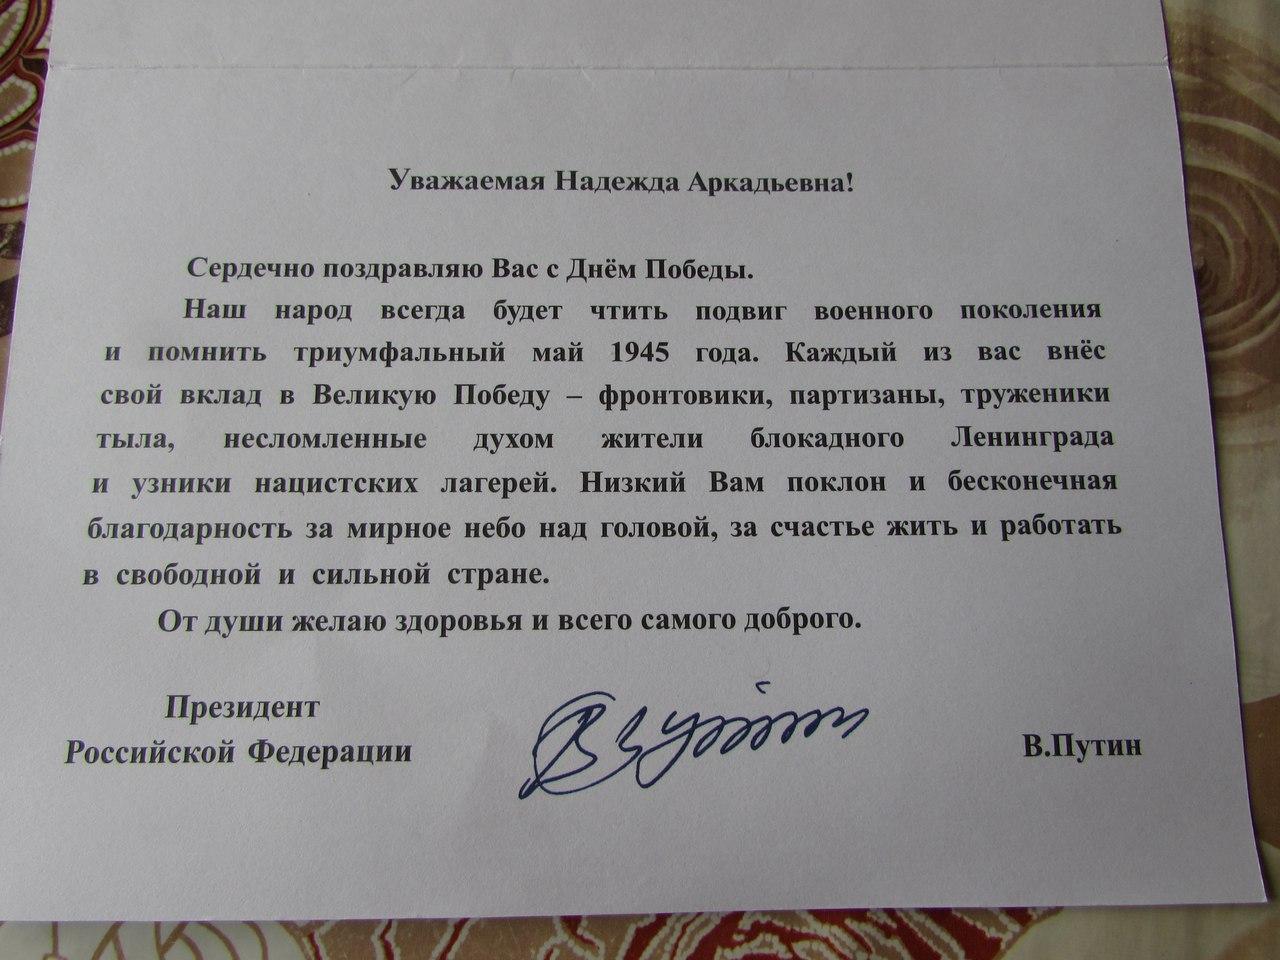 Благодарность от президента РФ В.В. Путина